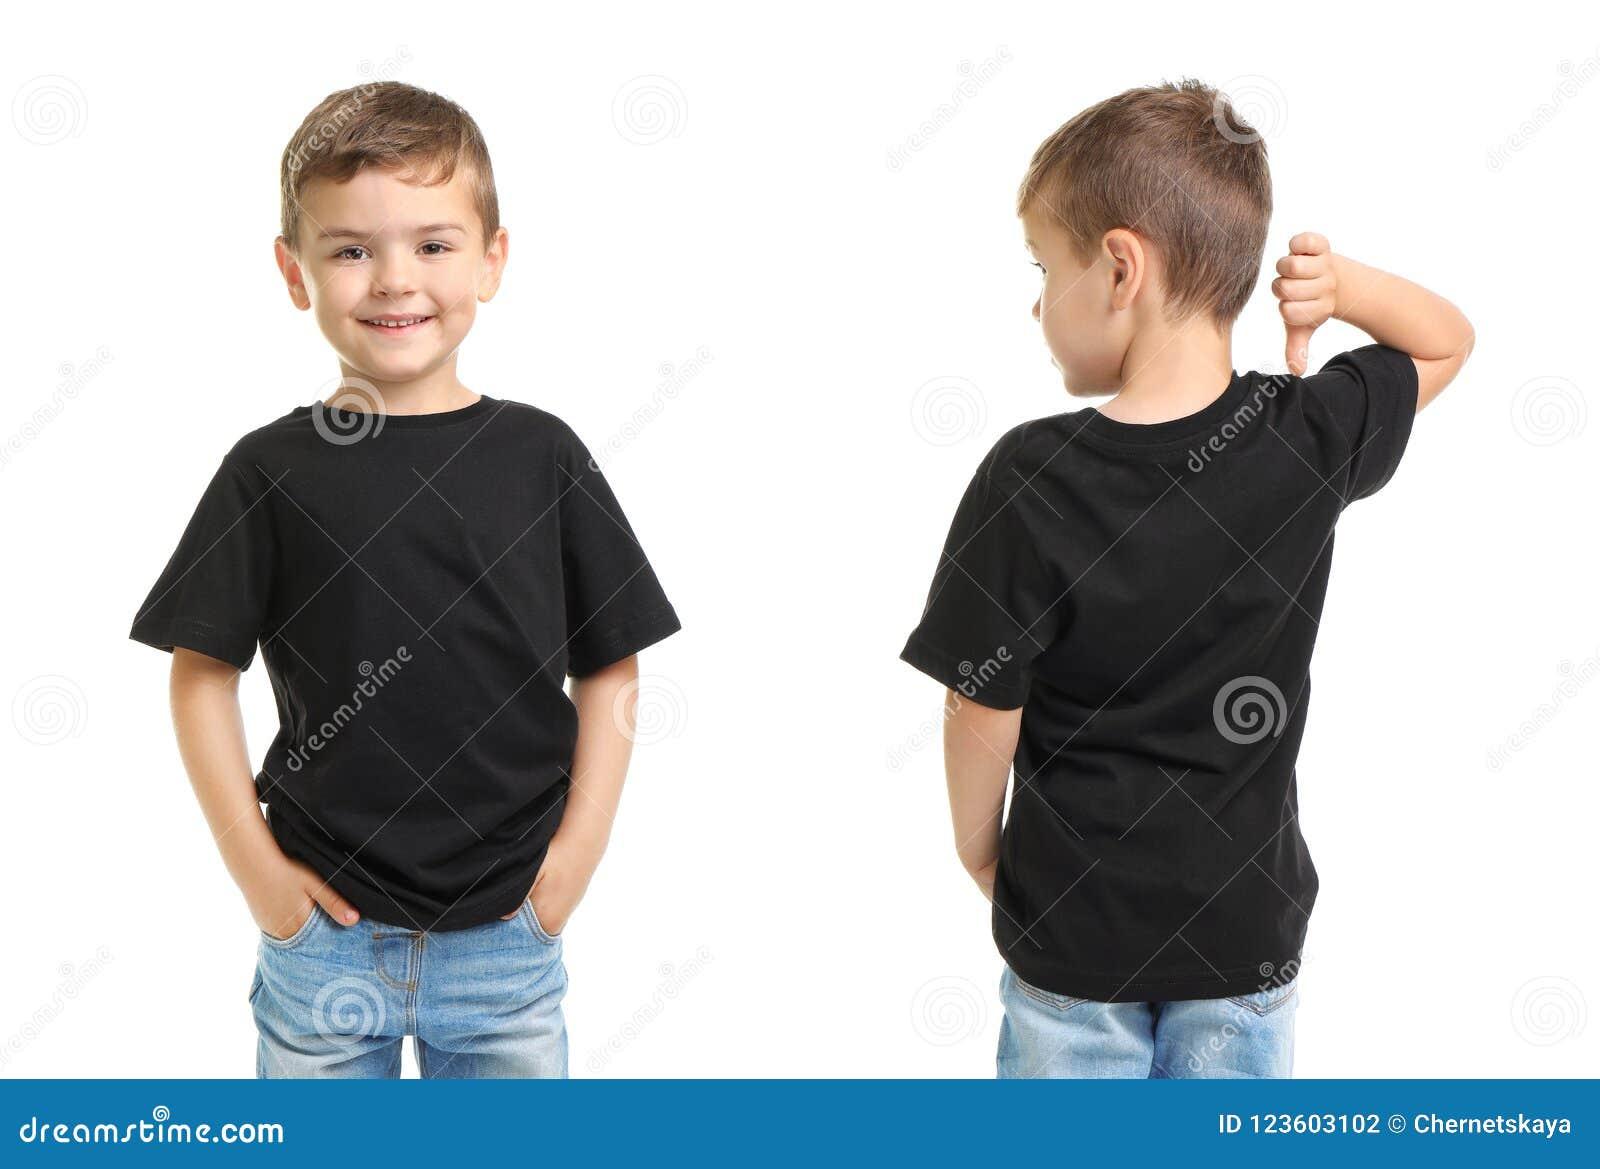 Передние и задние взгляды мальчика в черной футболке